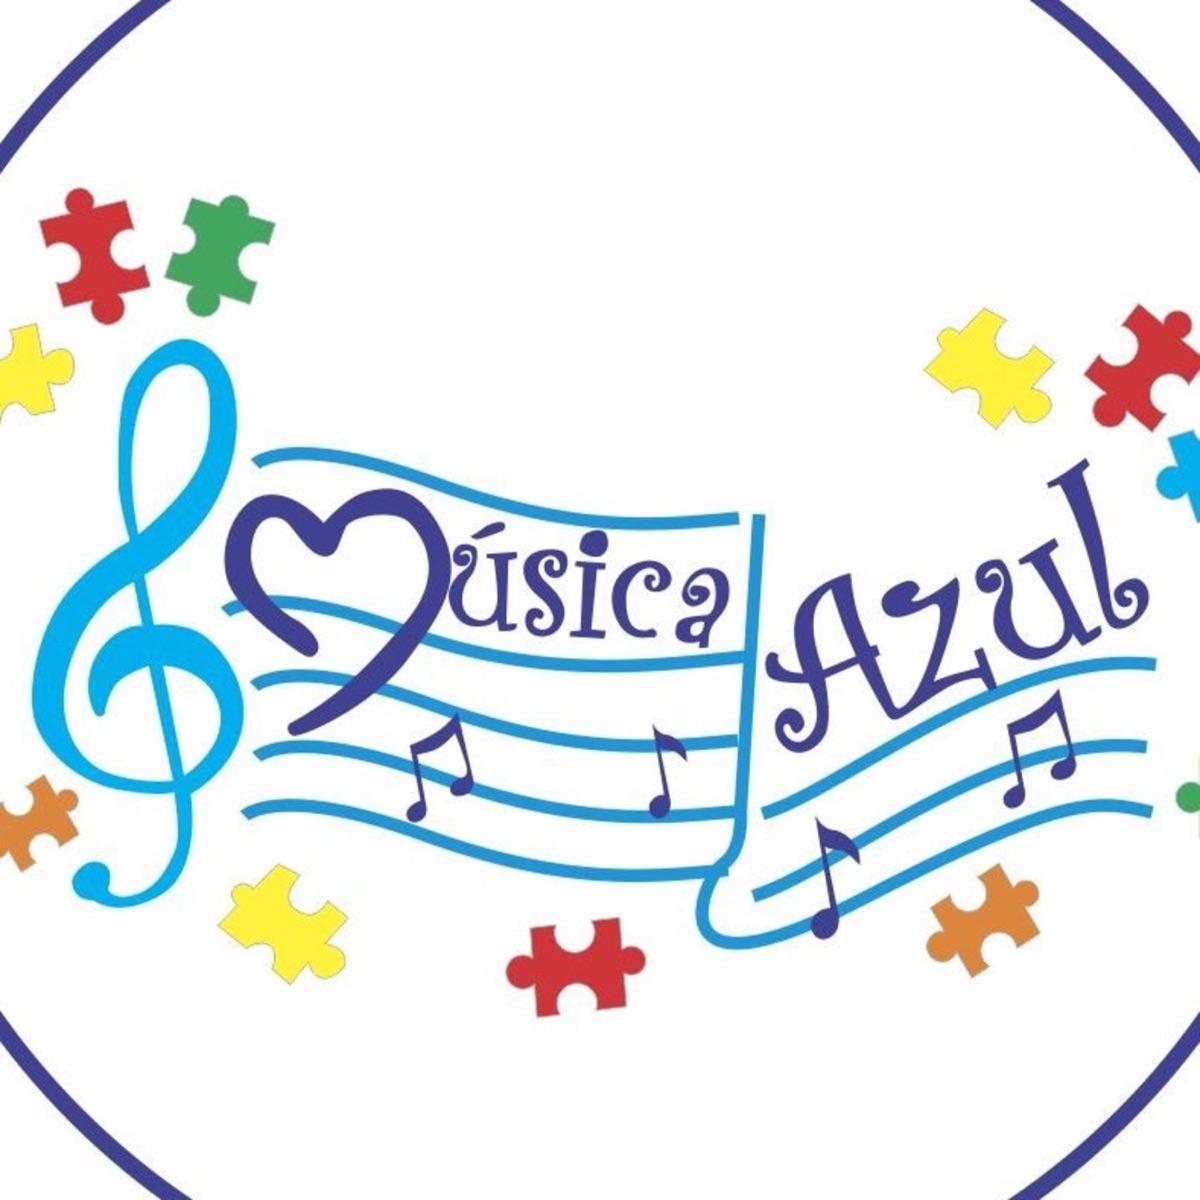 Música Azul